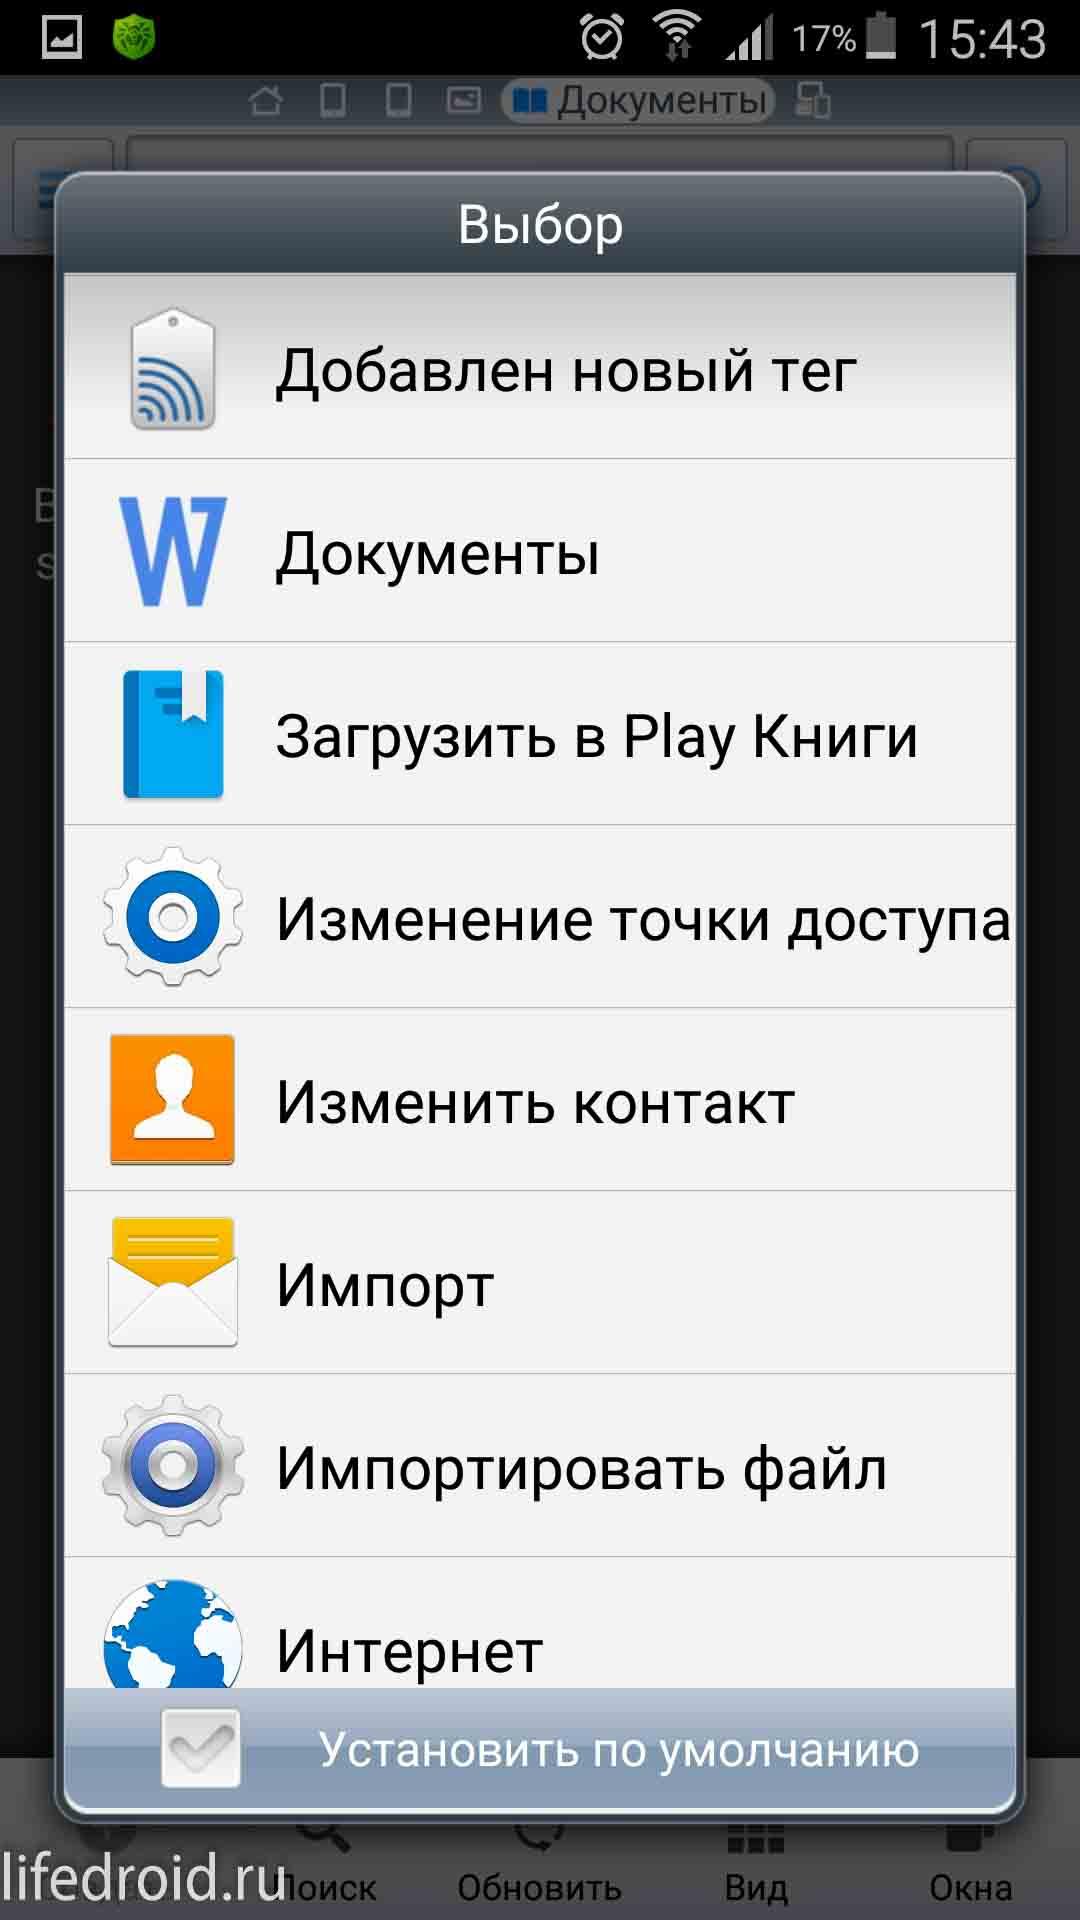 Загрузить файл в Play Книги